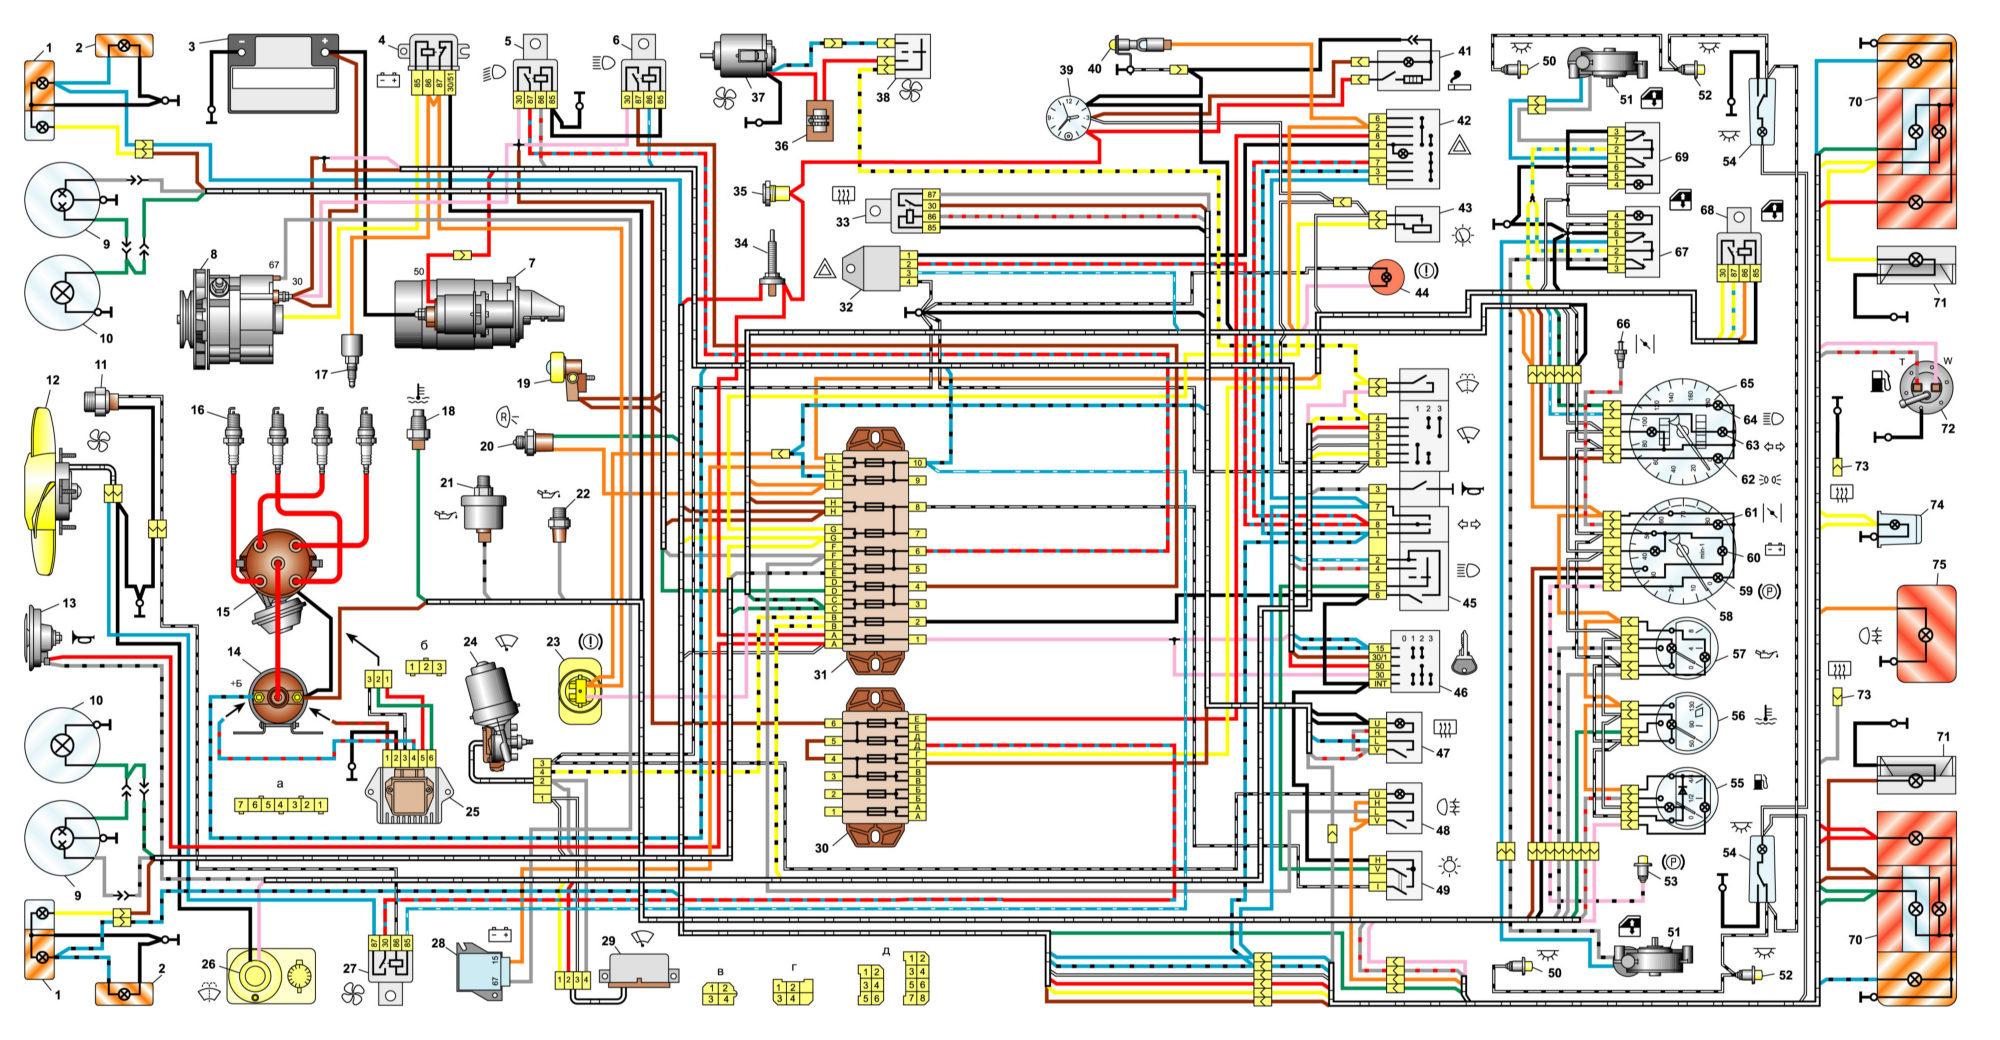 Електрична схема автомобіля ваз 2106.